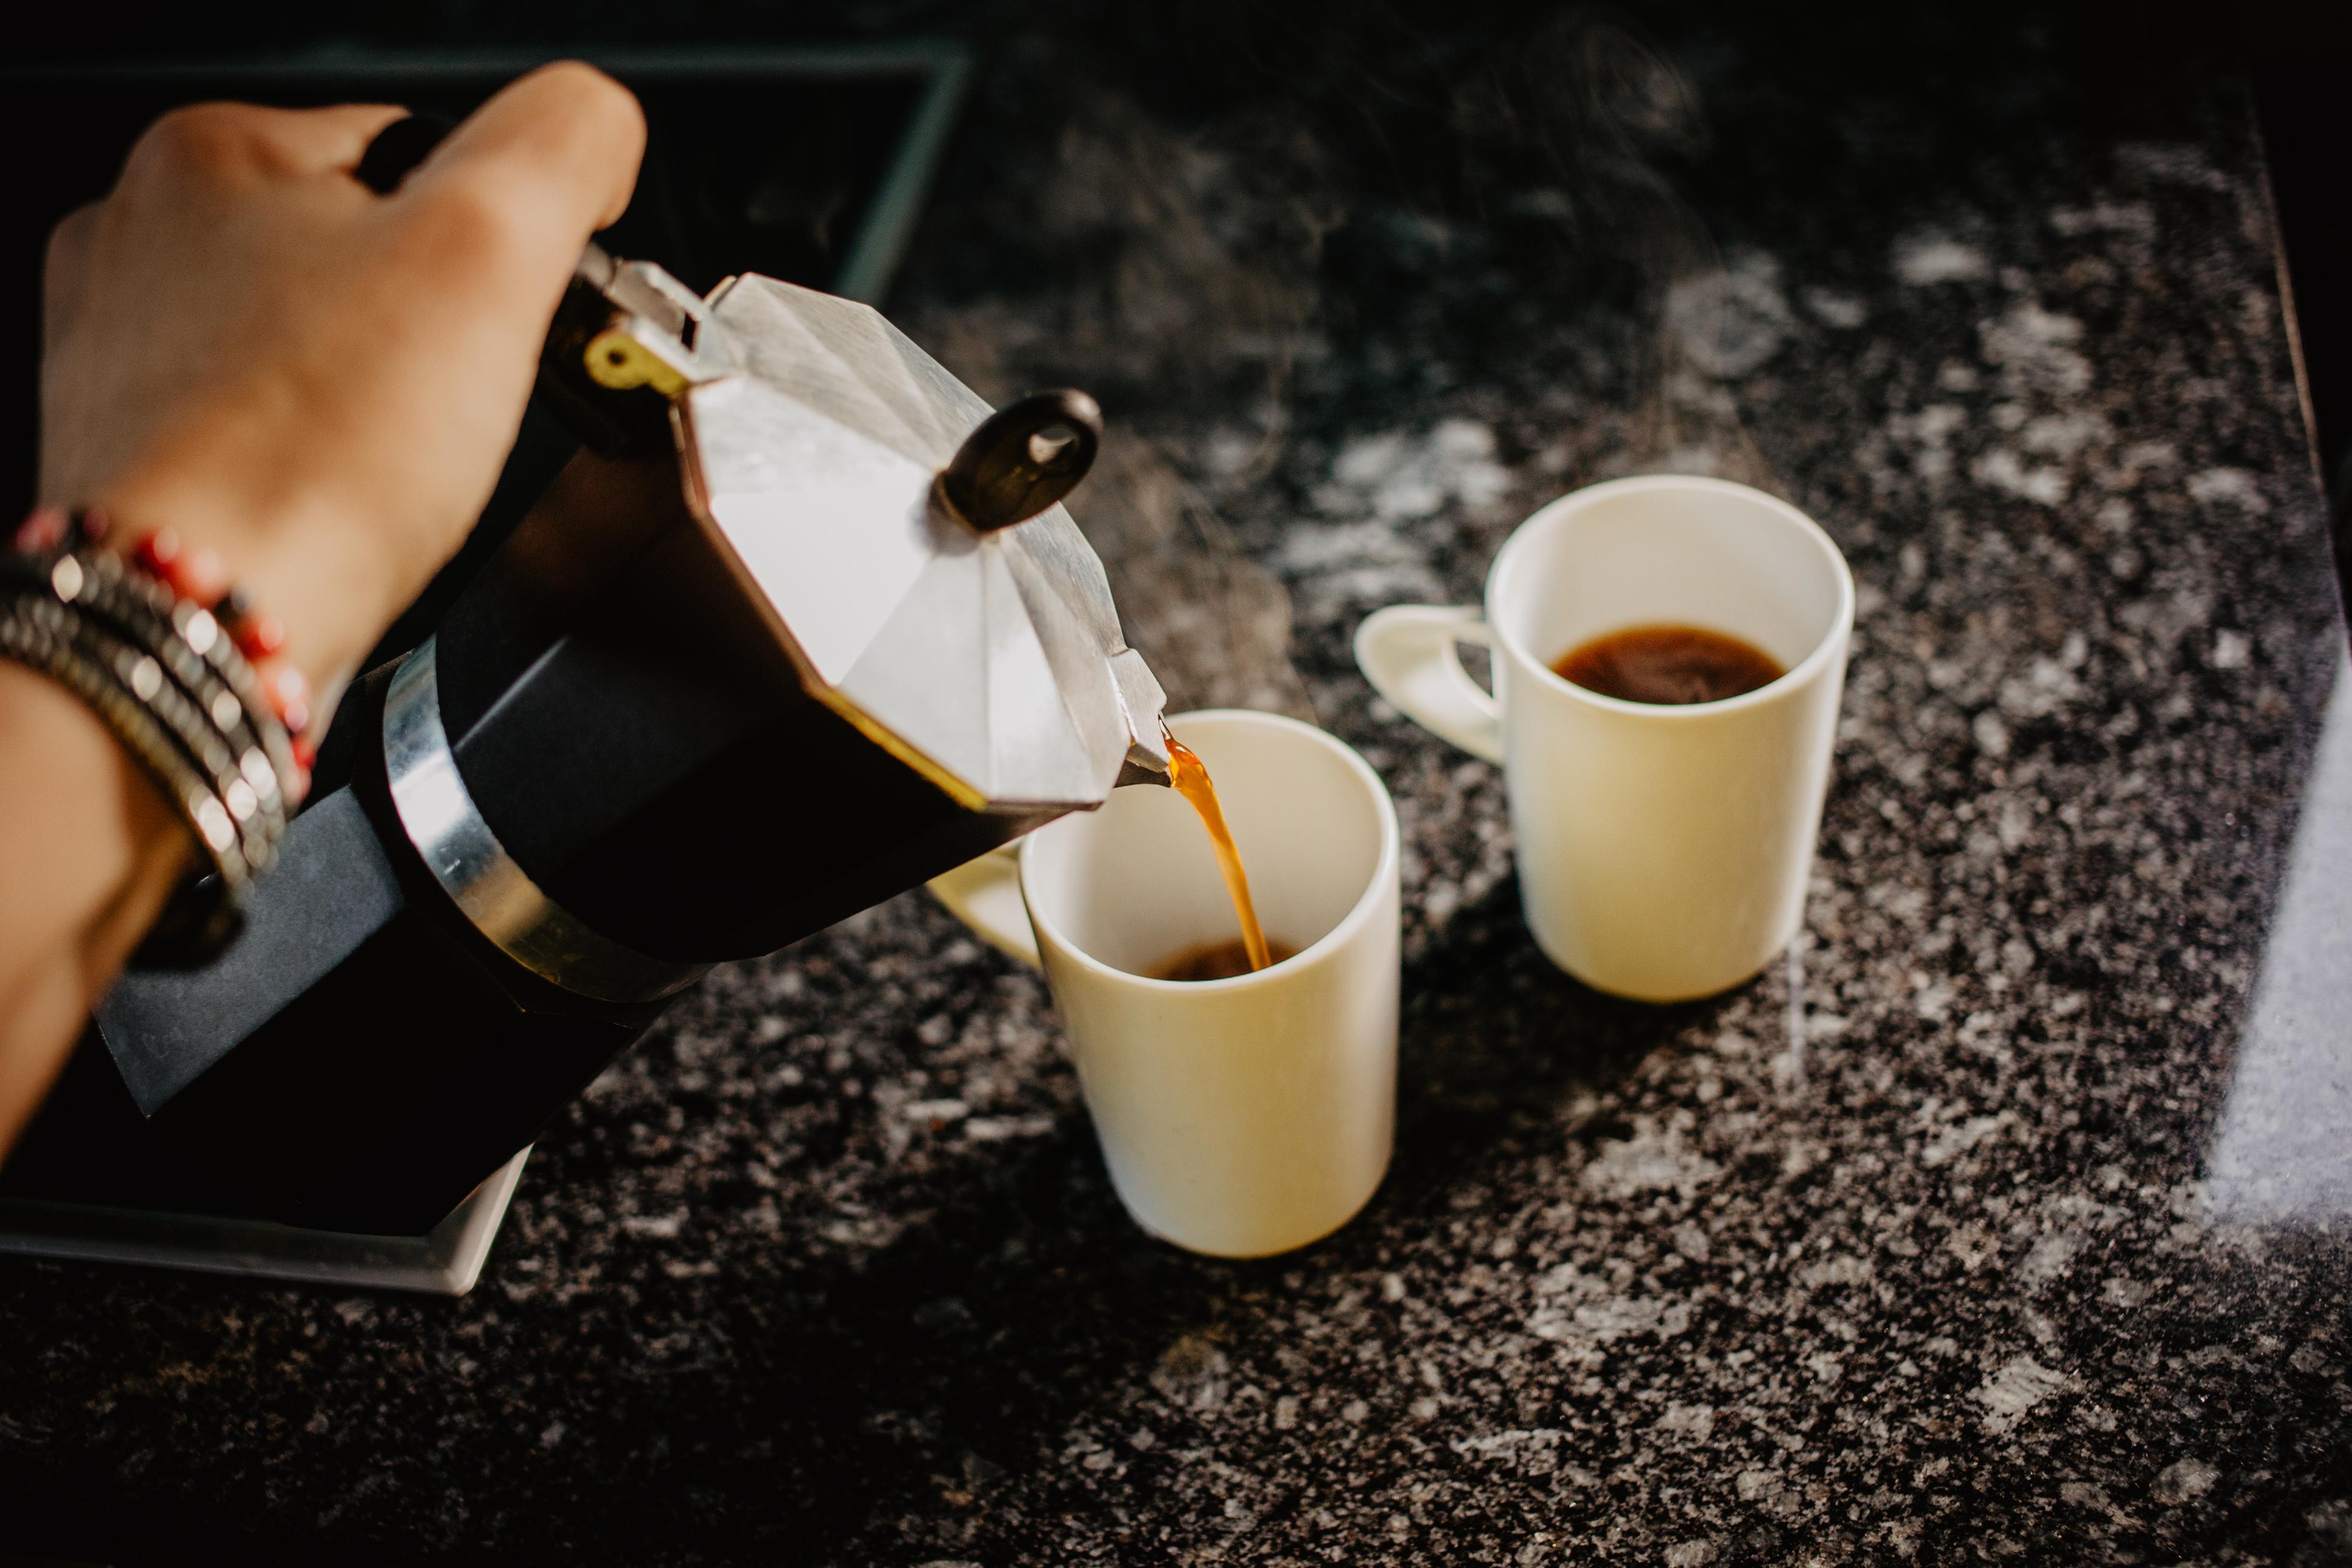 <p><strong>Не пиете кафе</strong></p>  <p>Времето, в което се смяташе, че кафето е вредно, отдавна отмина. Всъщност пиенето на кафе е едно от най-хубавите неща, които можете да направите за здравето си. Черната напитка е пълна с антиоксиданти, които предпазват сърцето и черния ви дроб, предпазват от диабет и рак.</p>